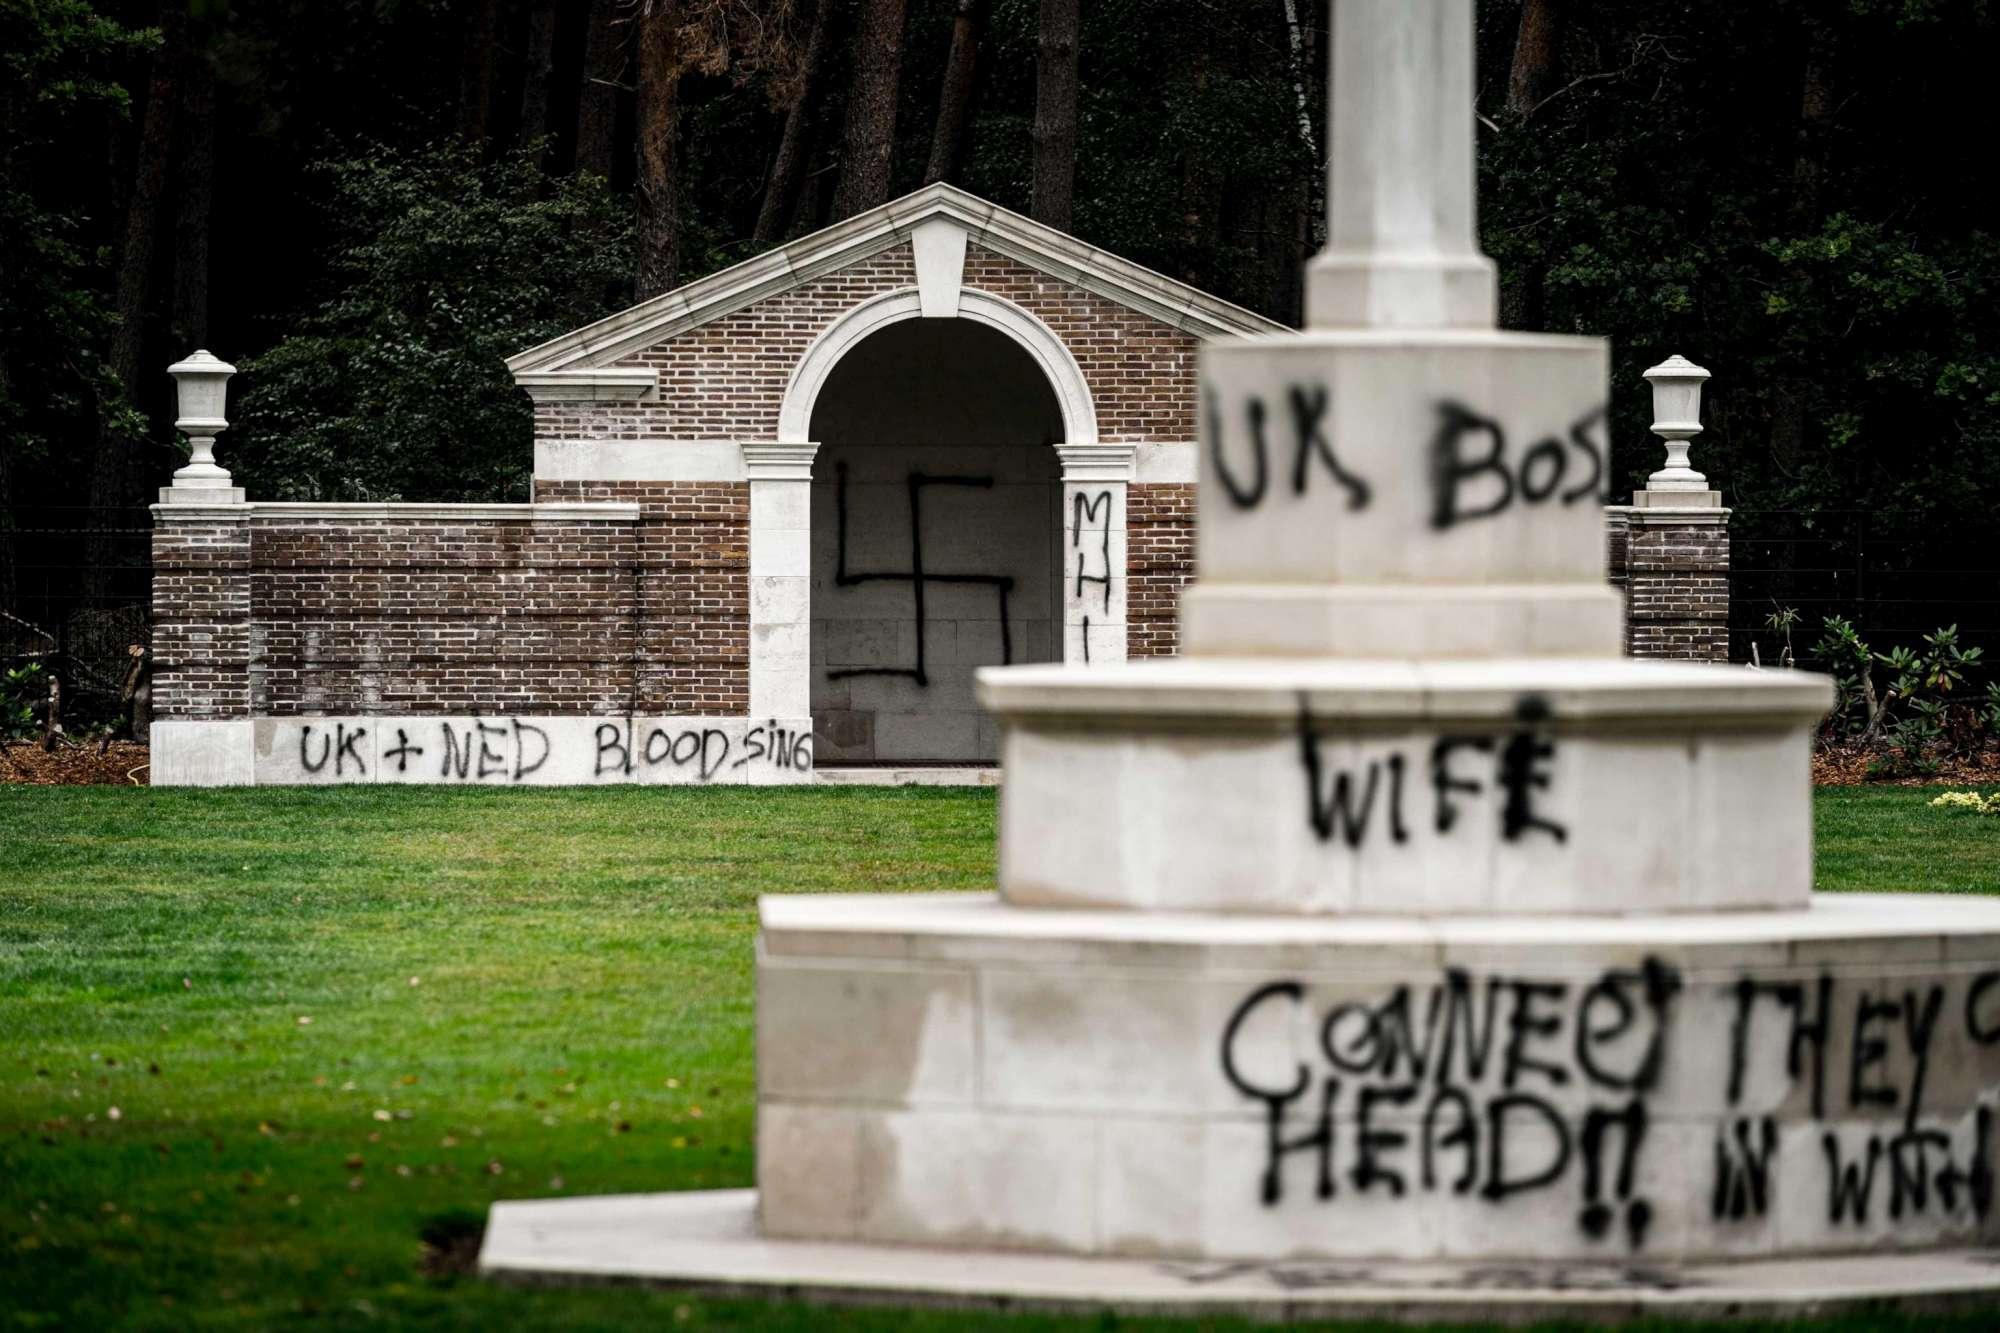 Olanda, vandali imbrattano con svastiche un cimitero dedicato ai caduti in guerra